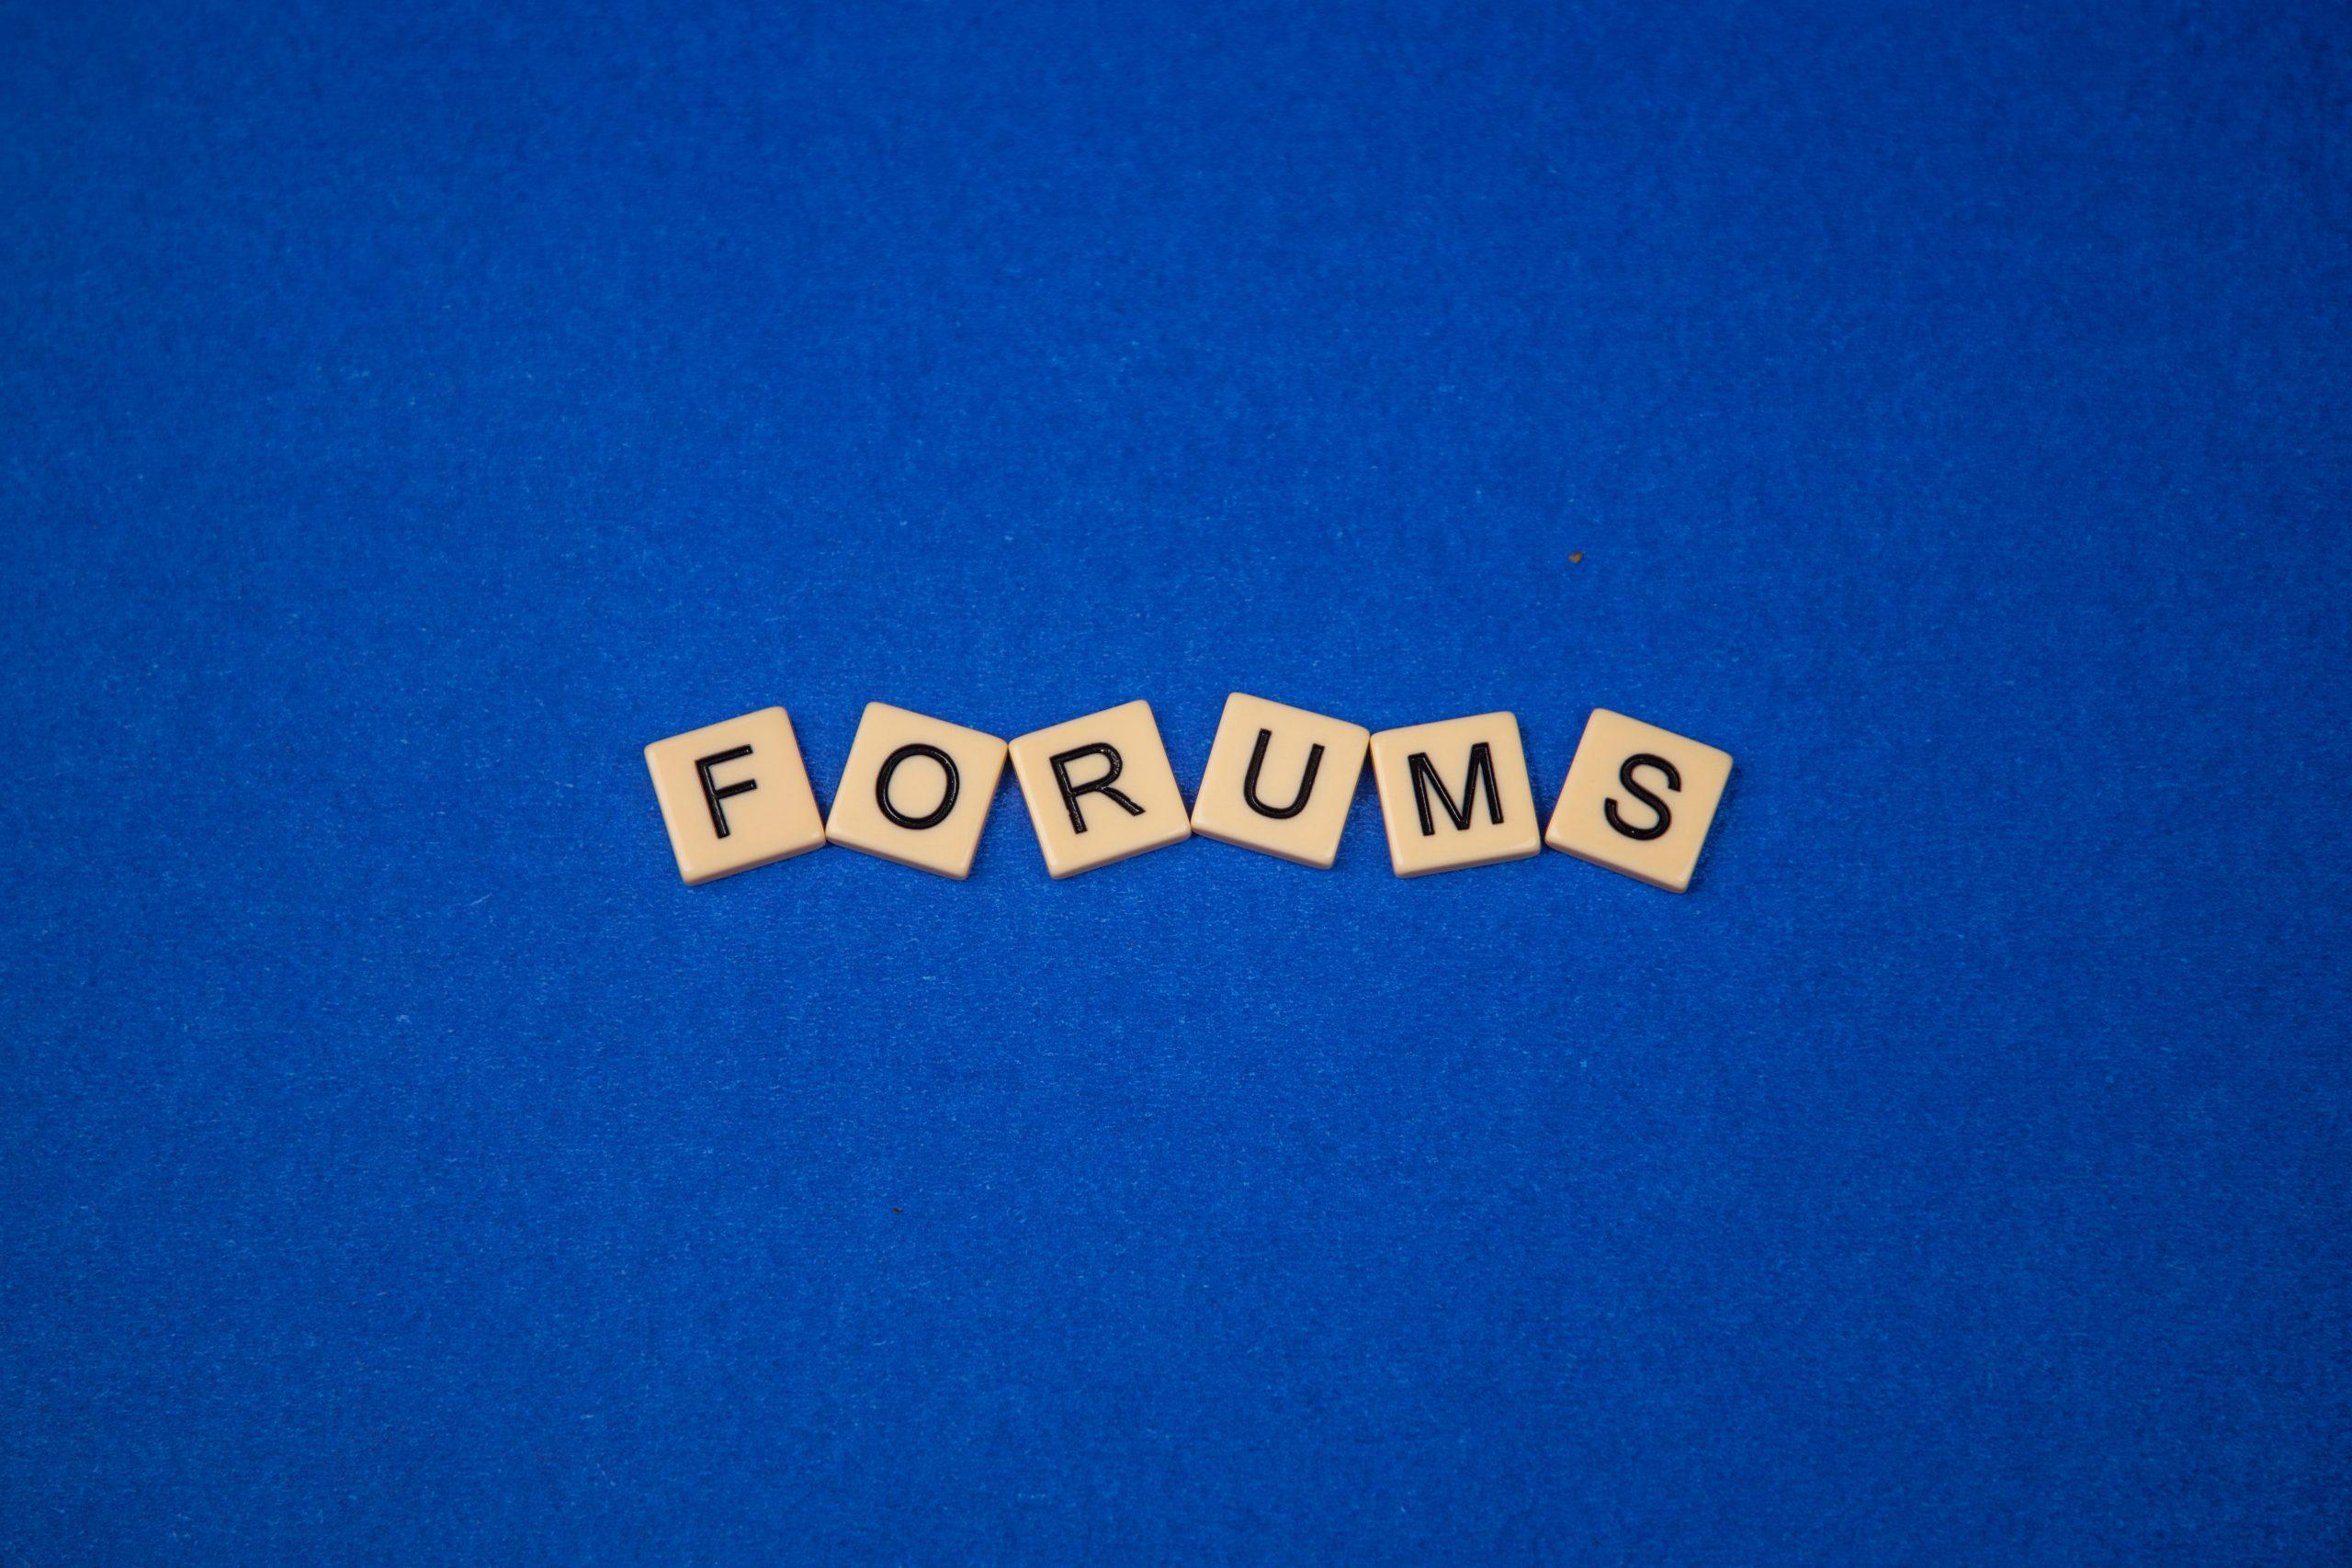 Forums written on scrabble